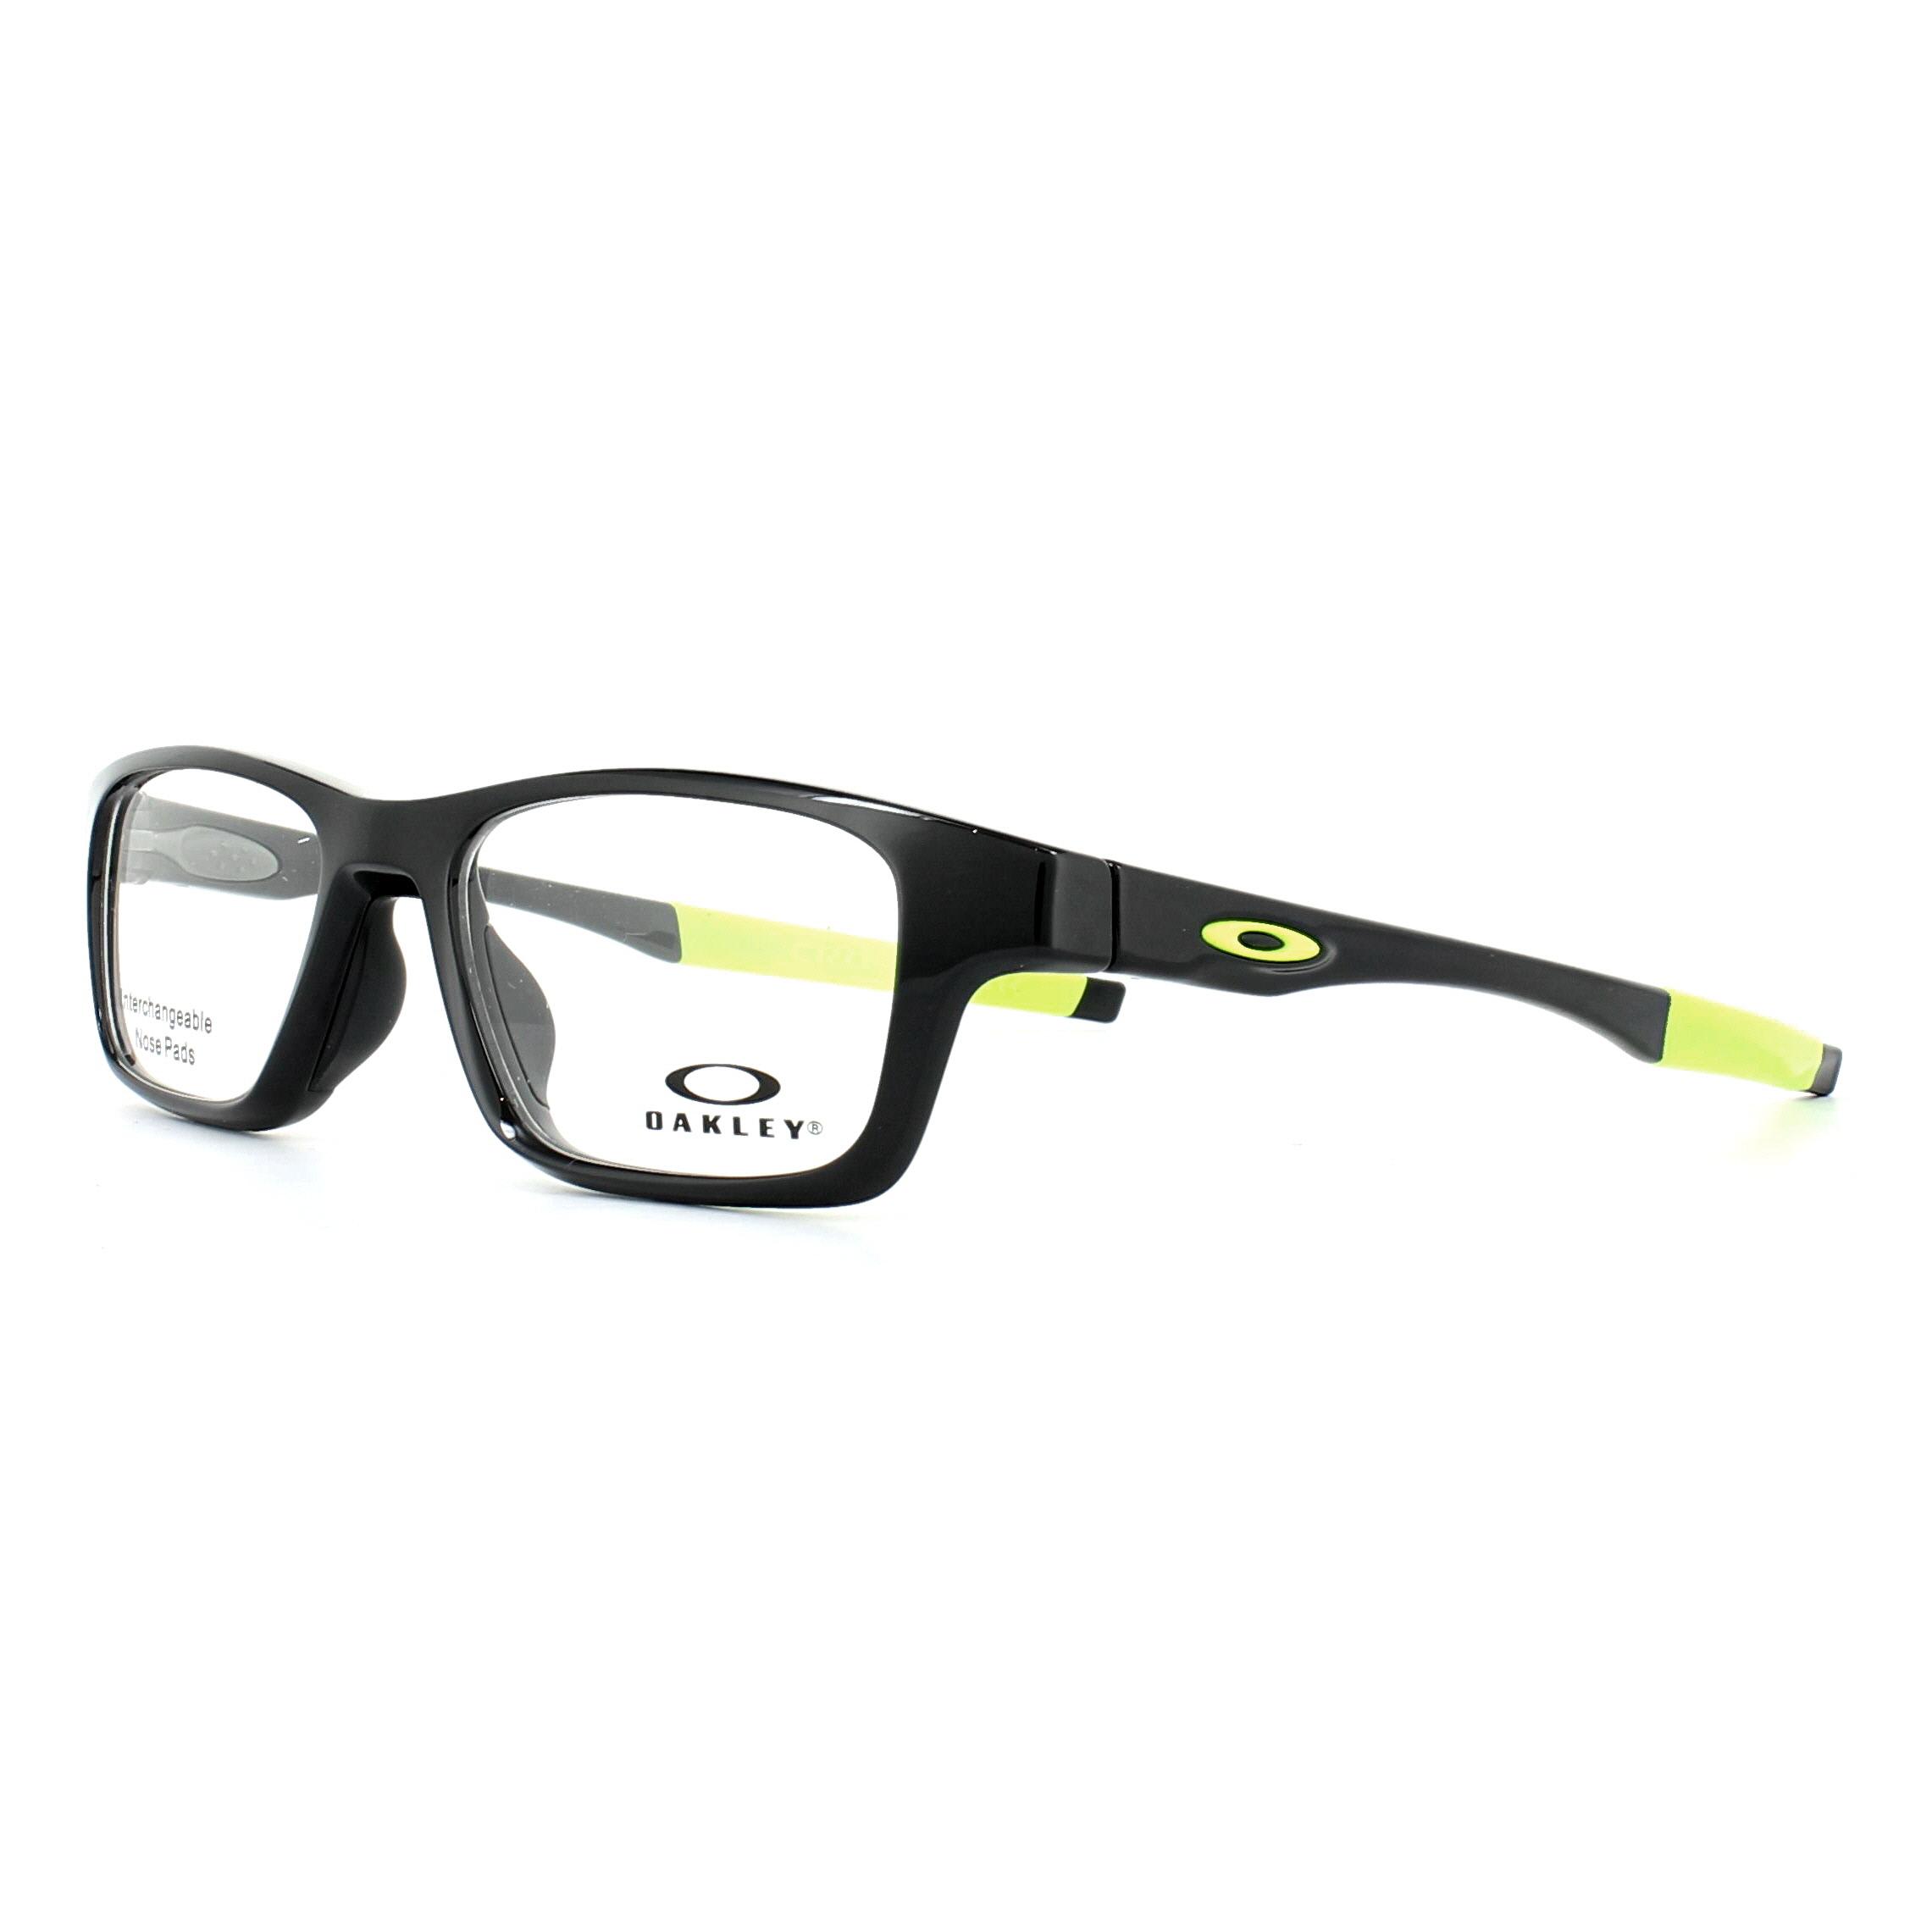 Oakley Glasses Frames Crosslink High Power OX8117-02 Polished Black ...